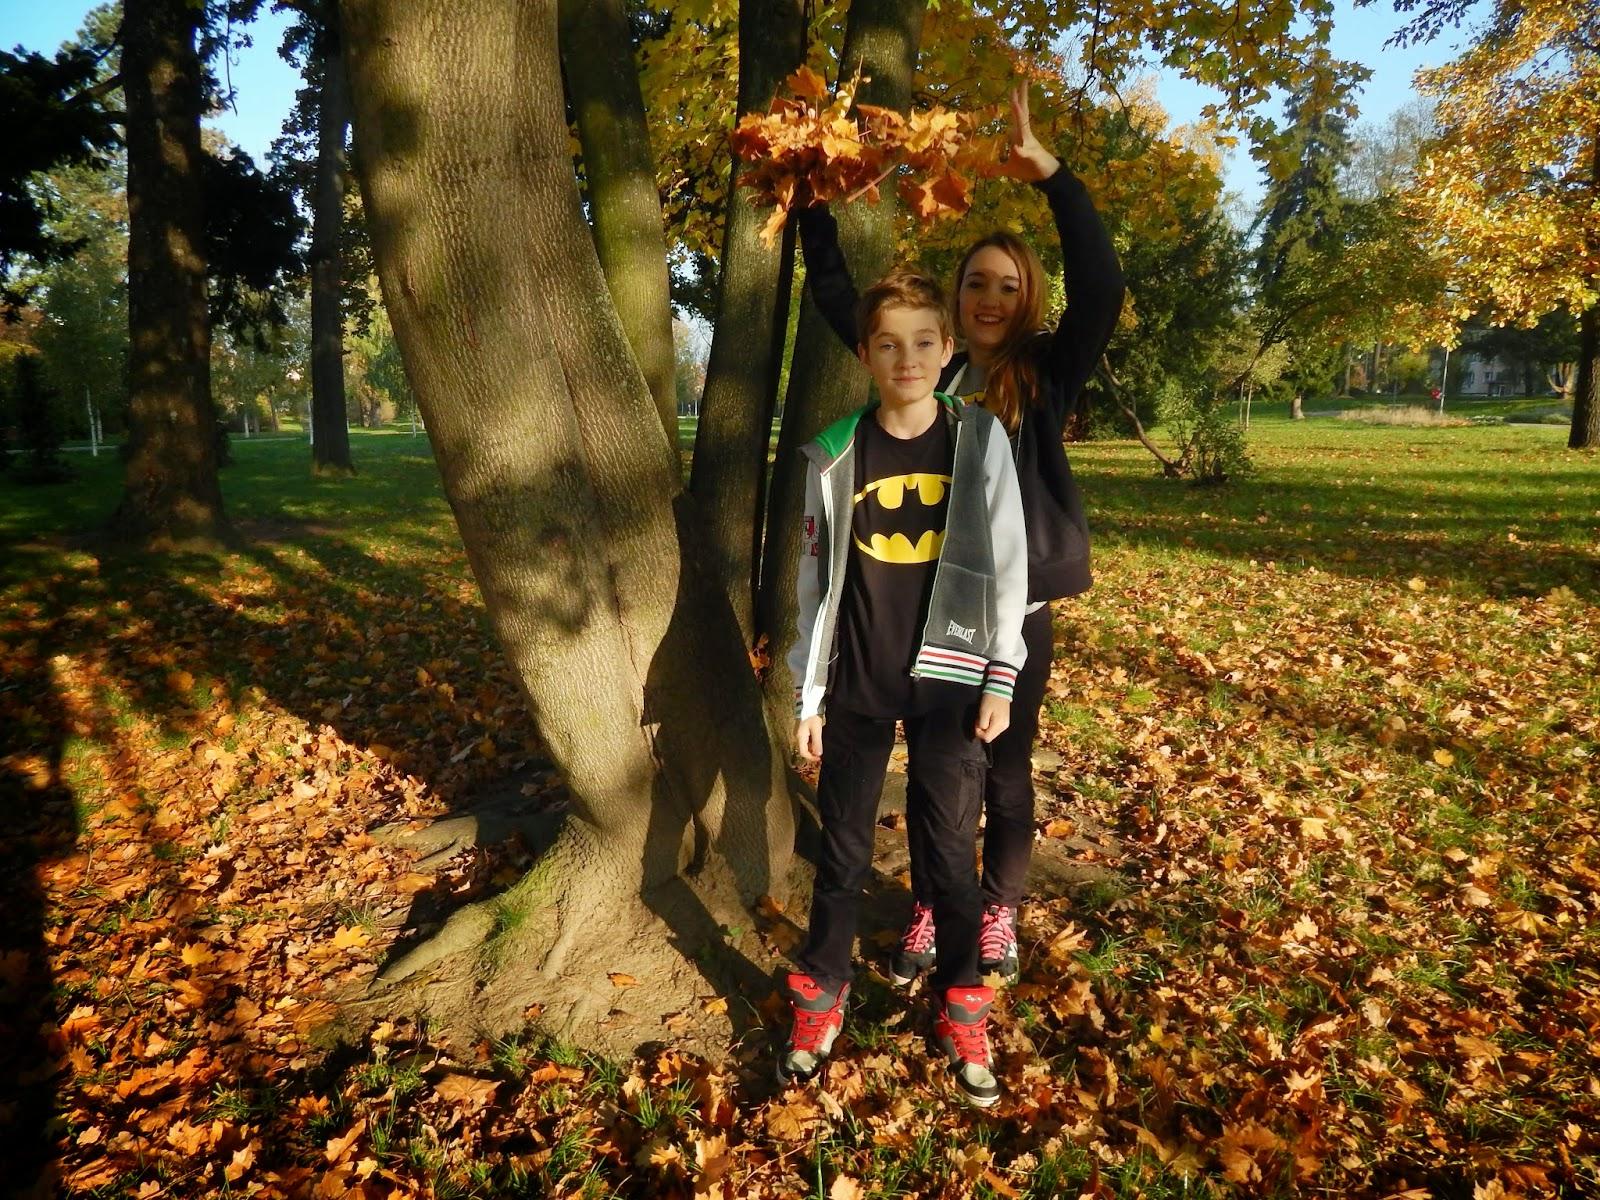 Podzimní padající listí v parku